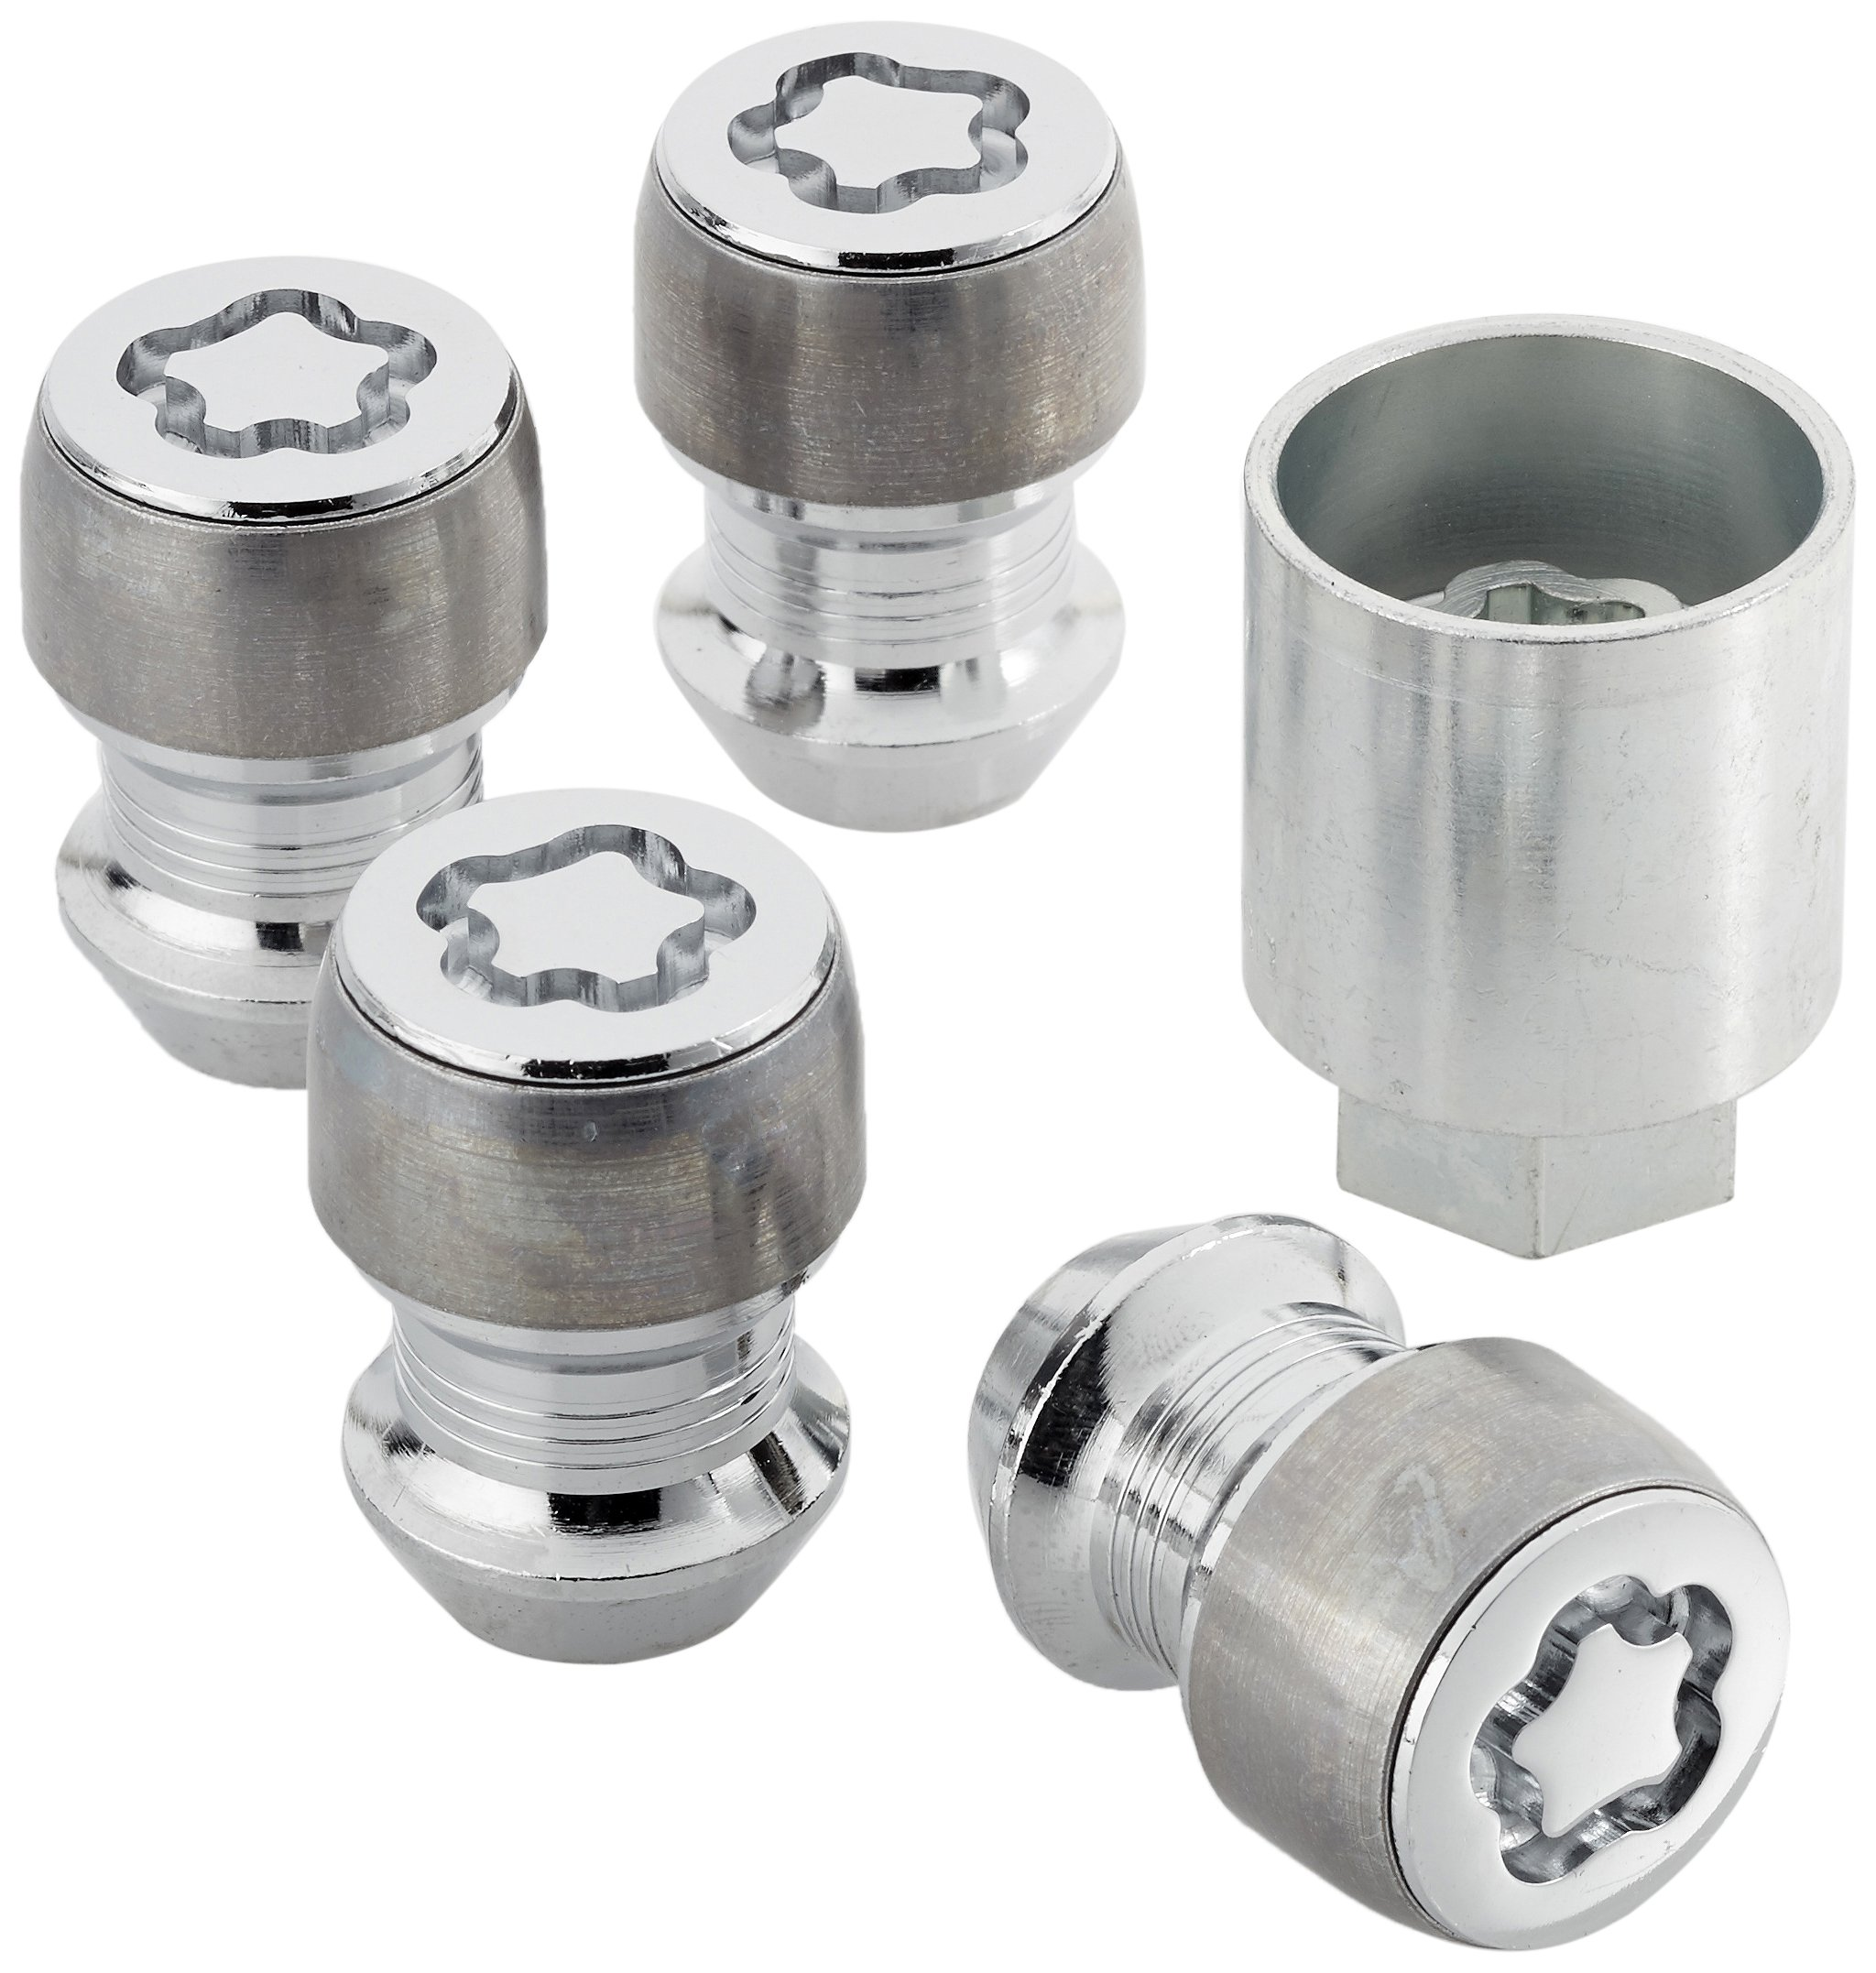 SENZEAL 4x Anti Theft Locking Tool Set M12 X 1.5 Hex Wheel Locking Nuts with Key